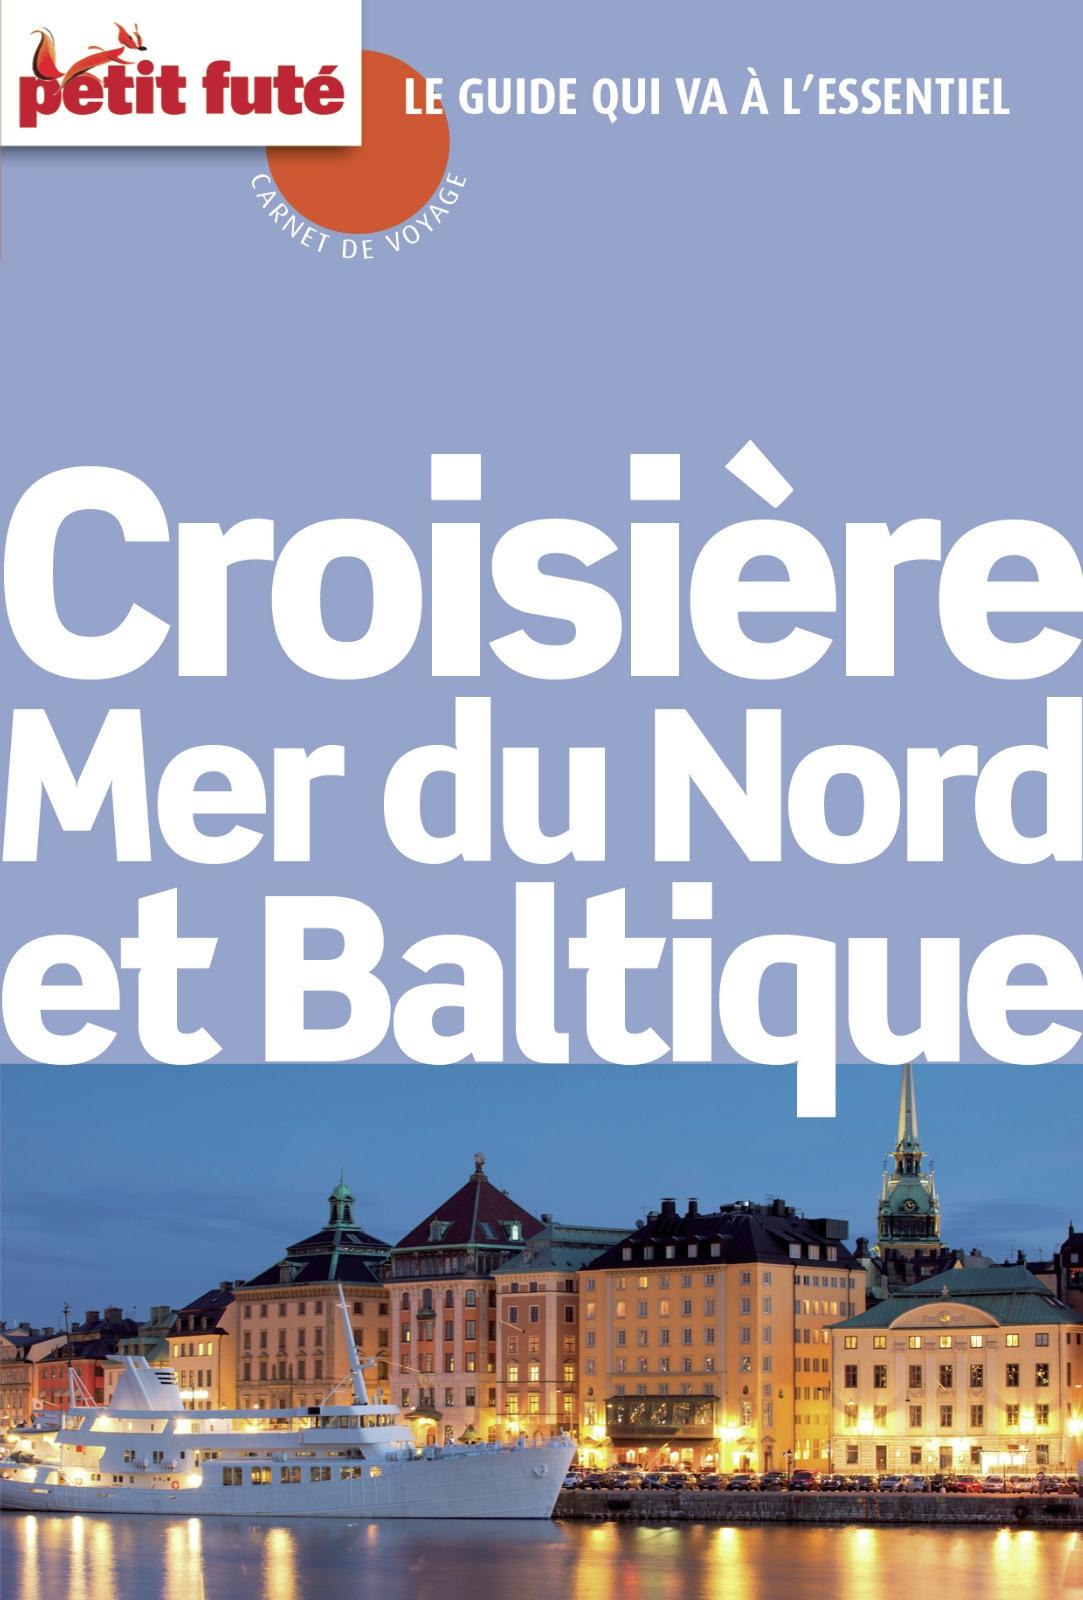 Croisi?re Mer du Nord & baltique. Baltique 2015 Carnet Petit Fut?